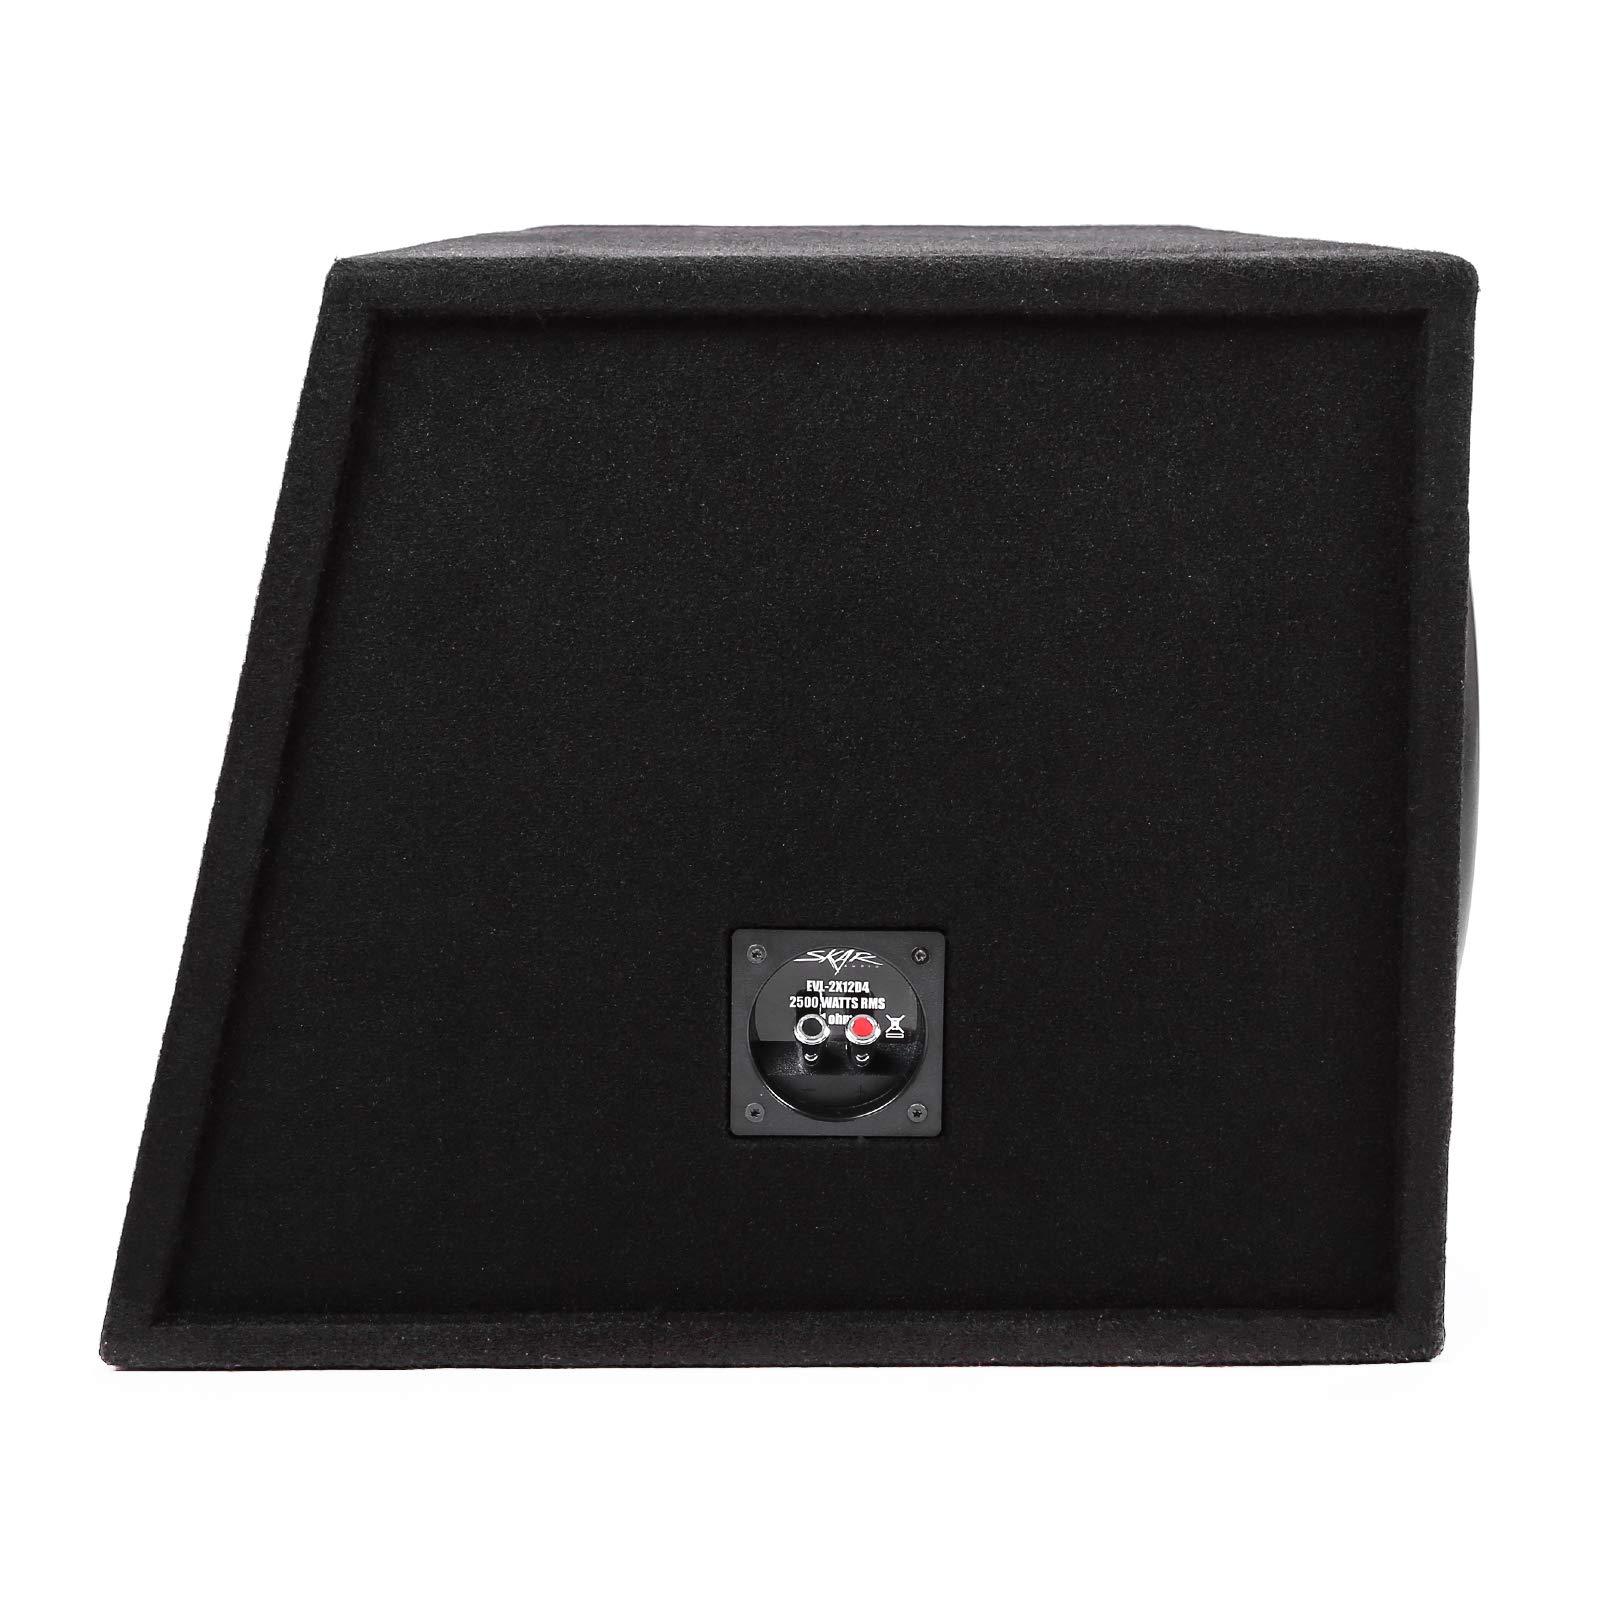 Skar Audio Dual 12'' 5000W Loaded EVL Series Vented Subwoofer Enclosure | EVL-2X12D4 by Skar Audio (Image #3)